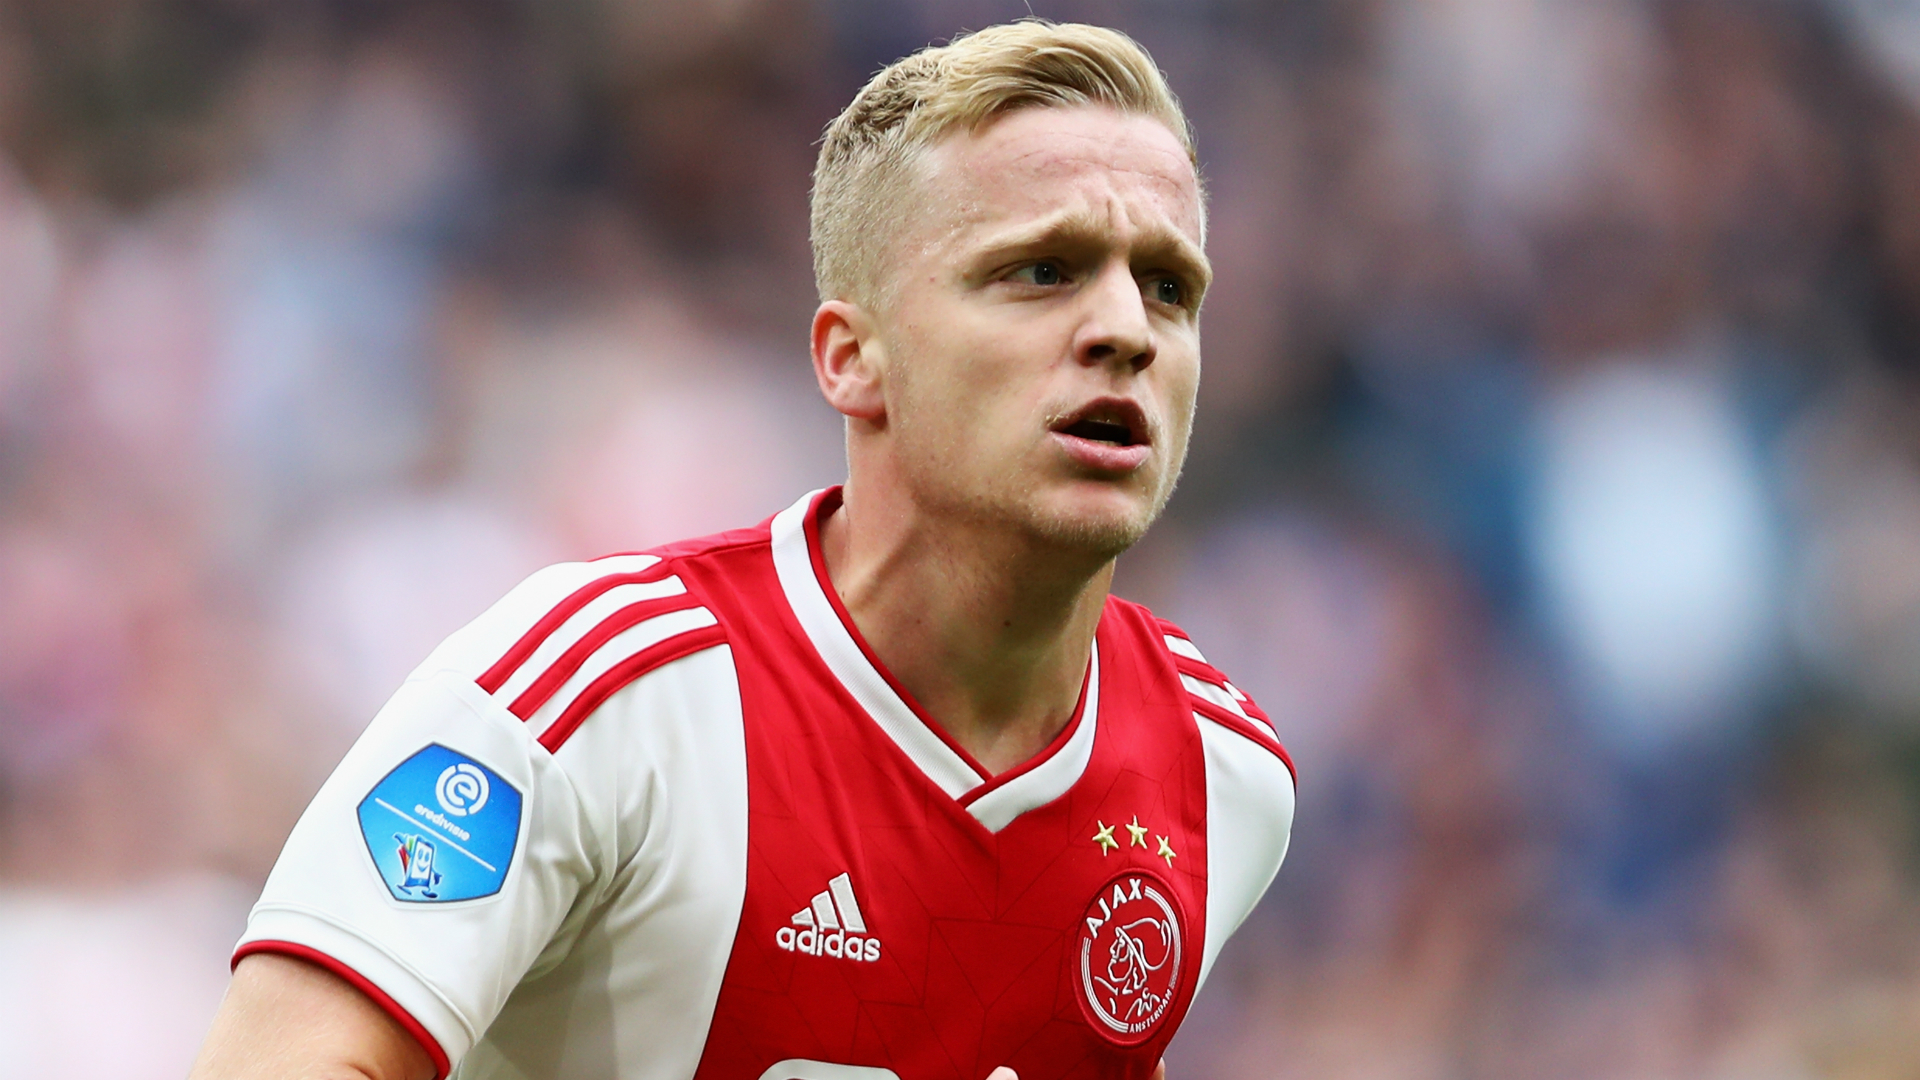 I'm really happy at Ajax - Van de Beek not angling for exit